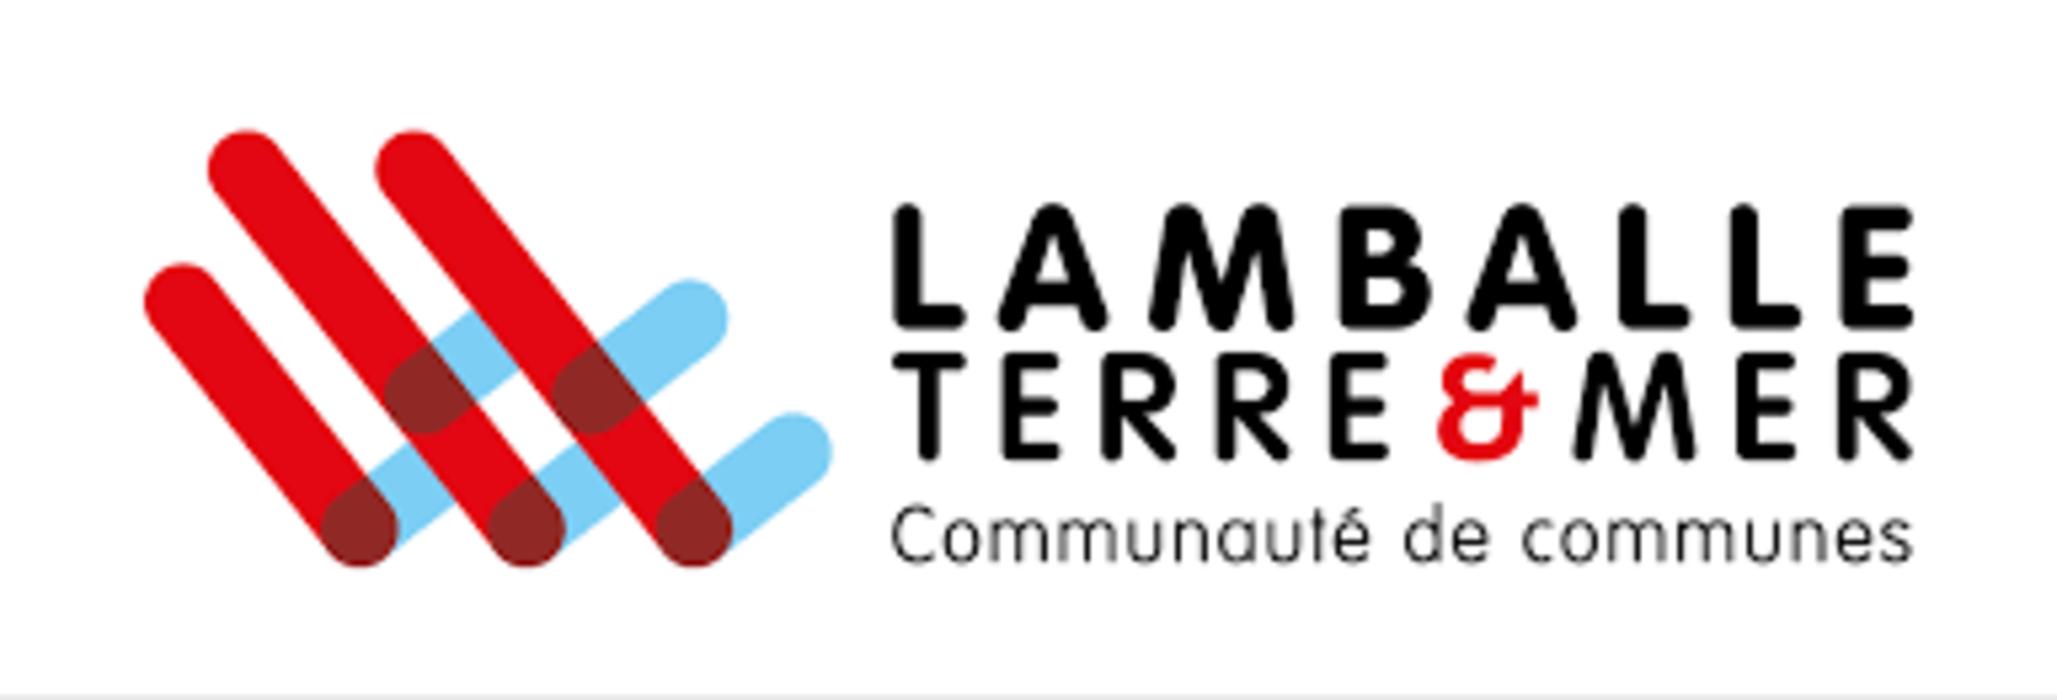 """Conférence le jeudi 13 septembre : """"la mémoire, comment et pourquoi la stimuler"""" lamballeterreetmer"""